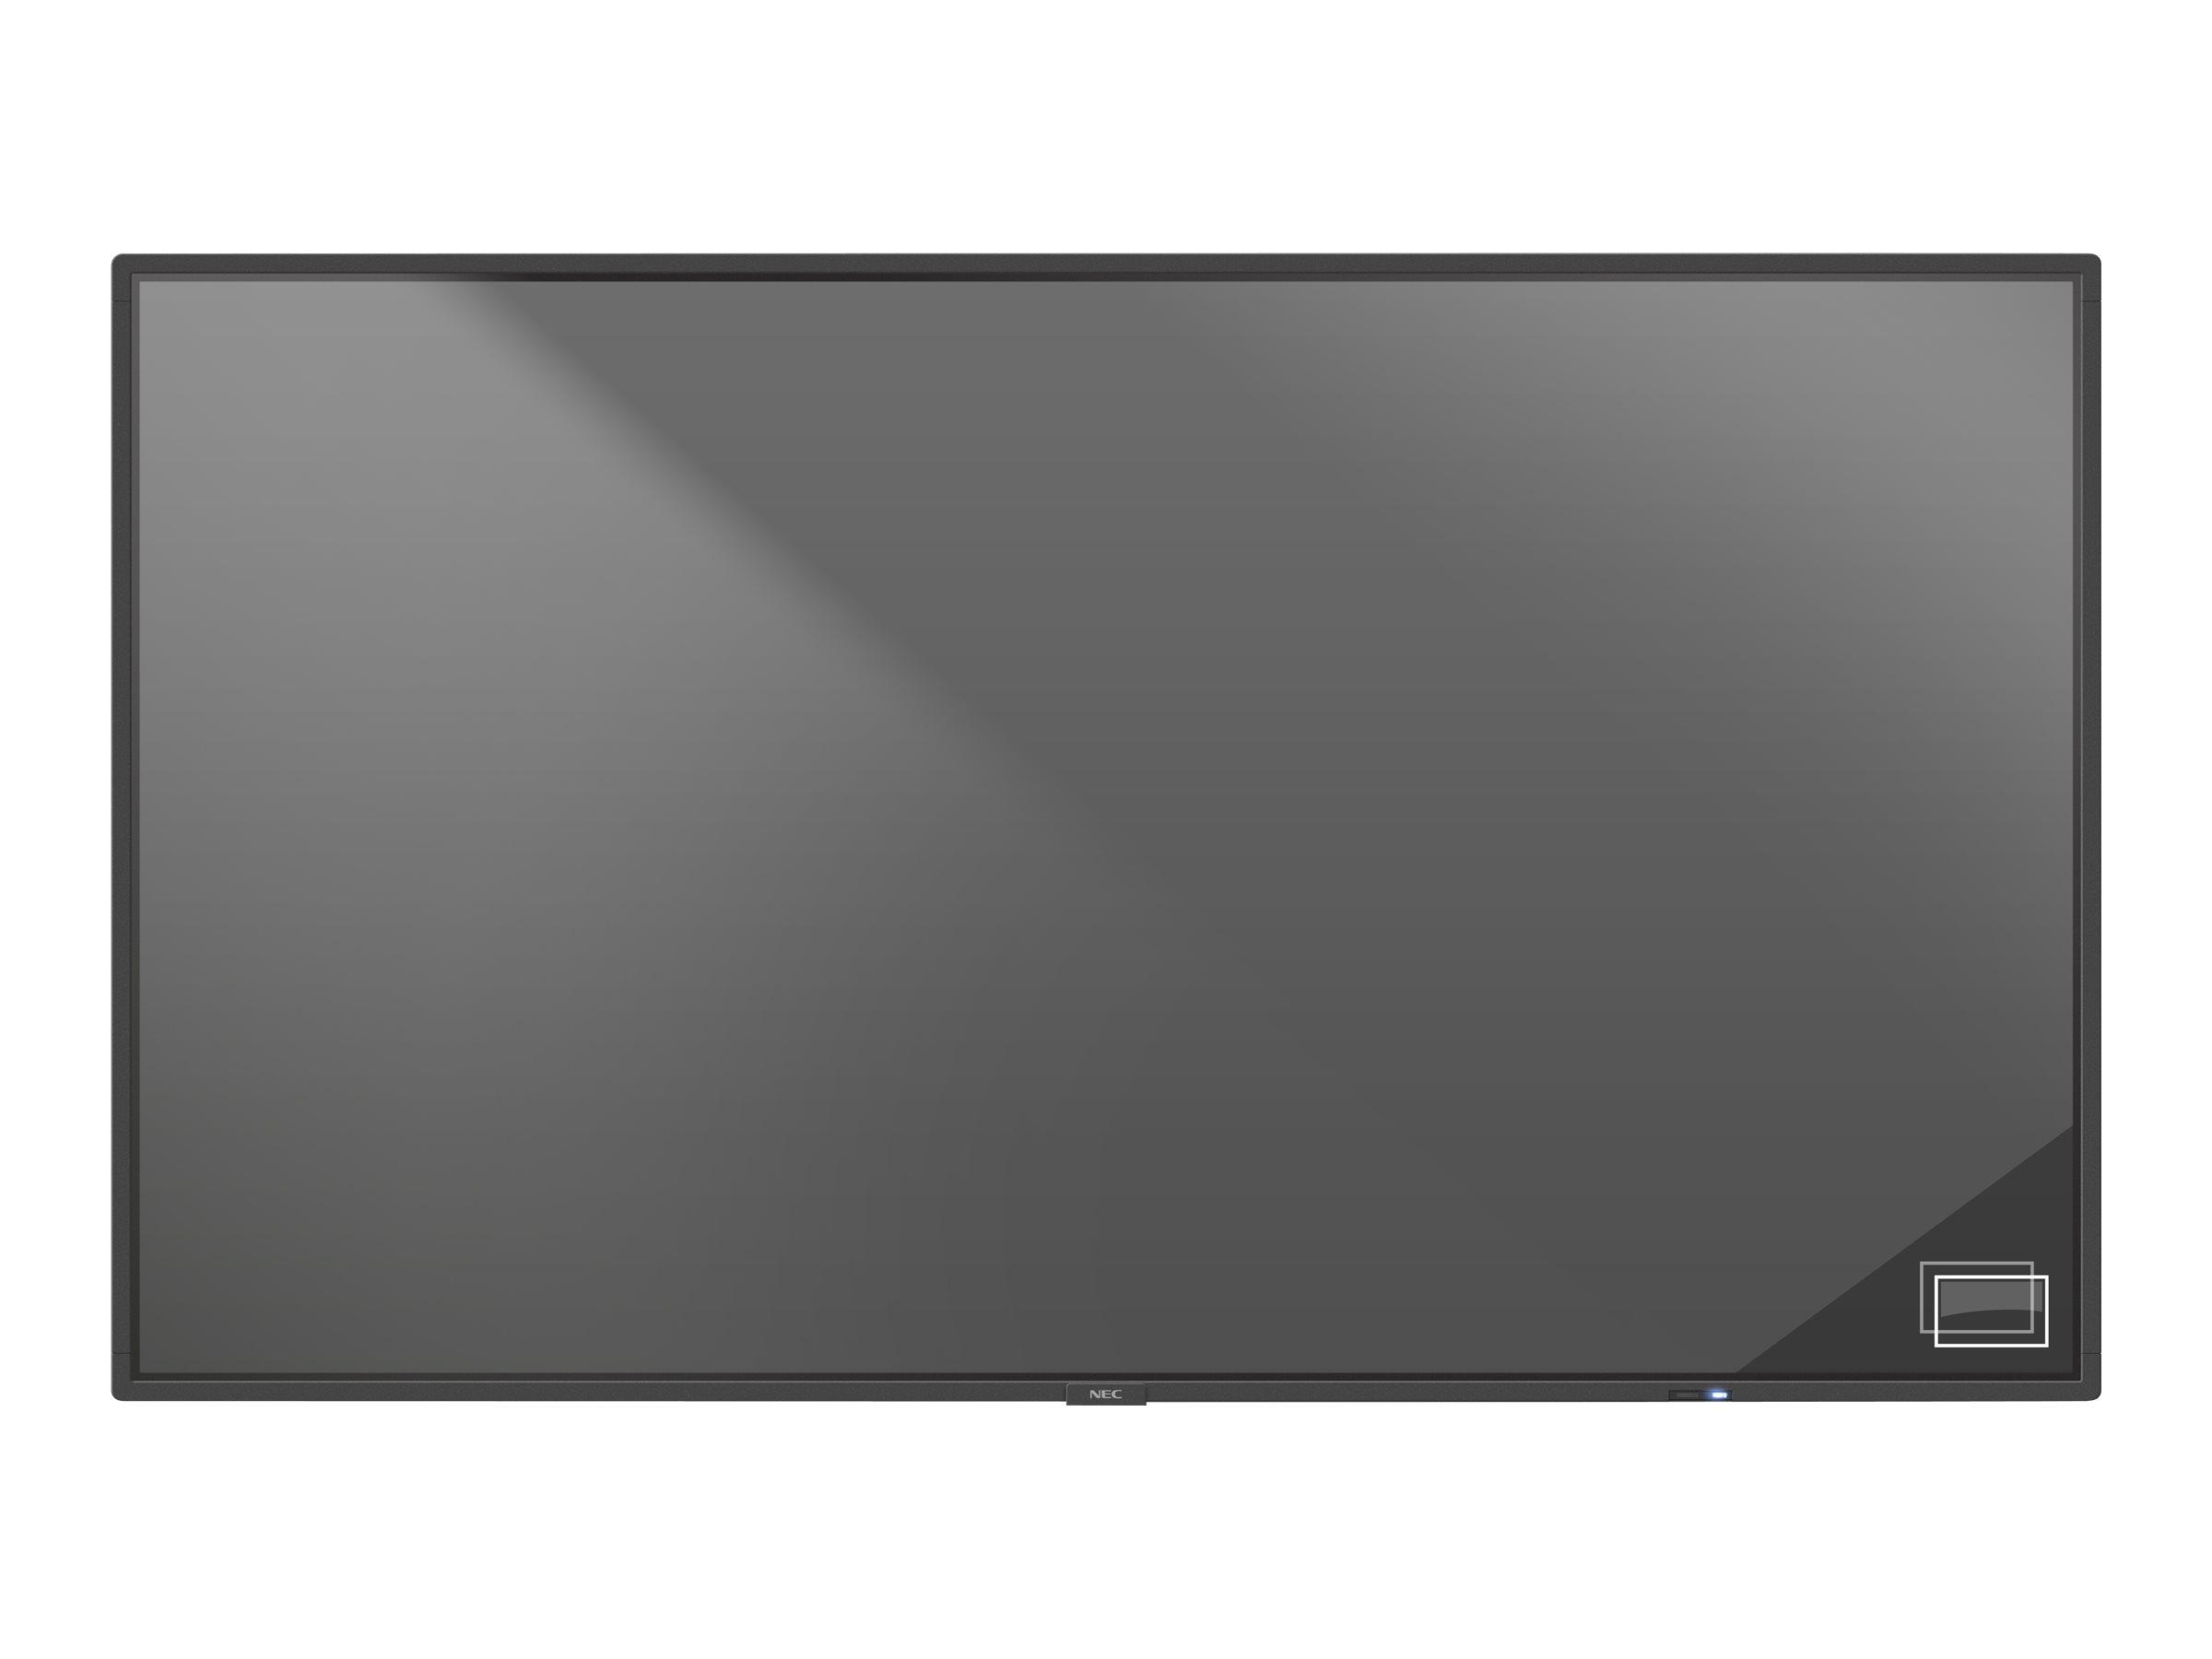 NEC MultiSync V554 PG - 138.8 cm (55